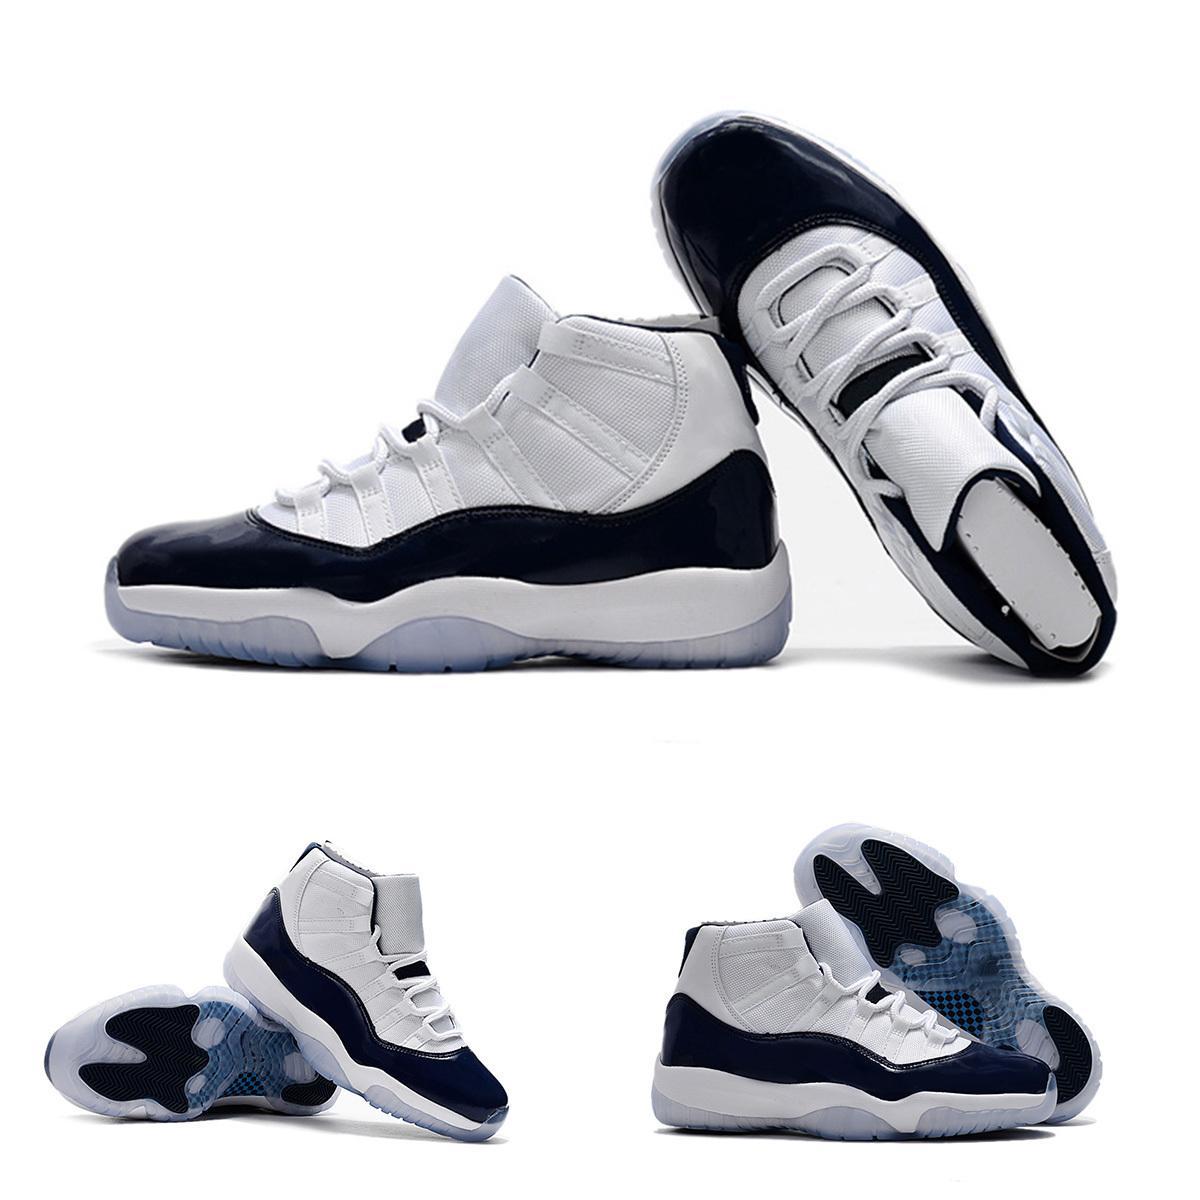 scarpe 11 Palestra Red Chicago Midnight Navy WIN COME 82 UNC Space Jam uomini dei pattini di pallacanestro 11s sport shoes Sneakers